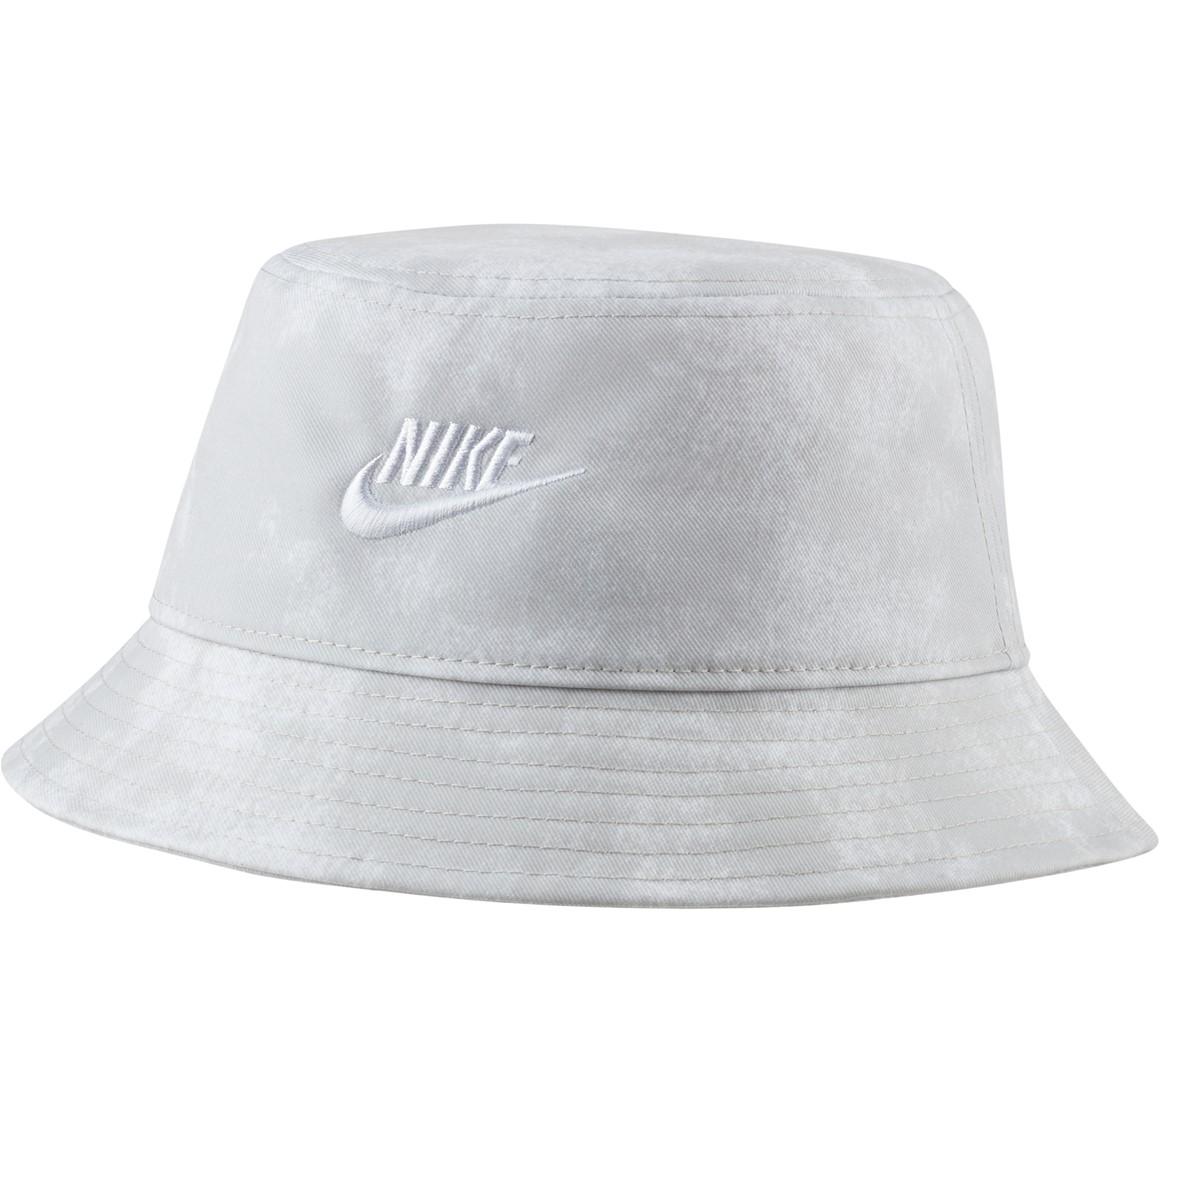 Sports Wear Bucket Hat in White Tie Dye